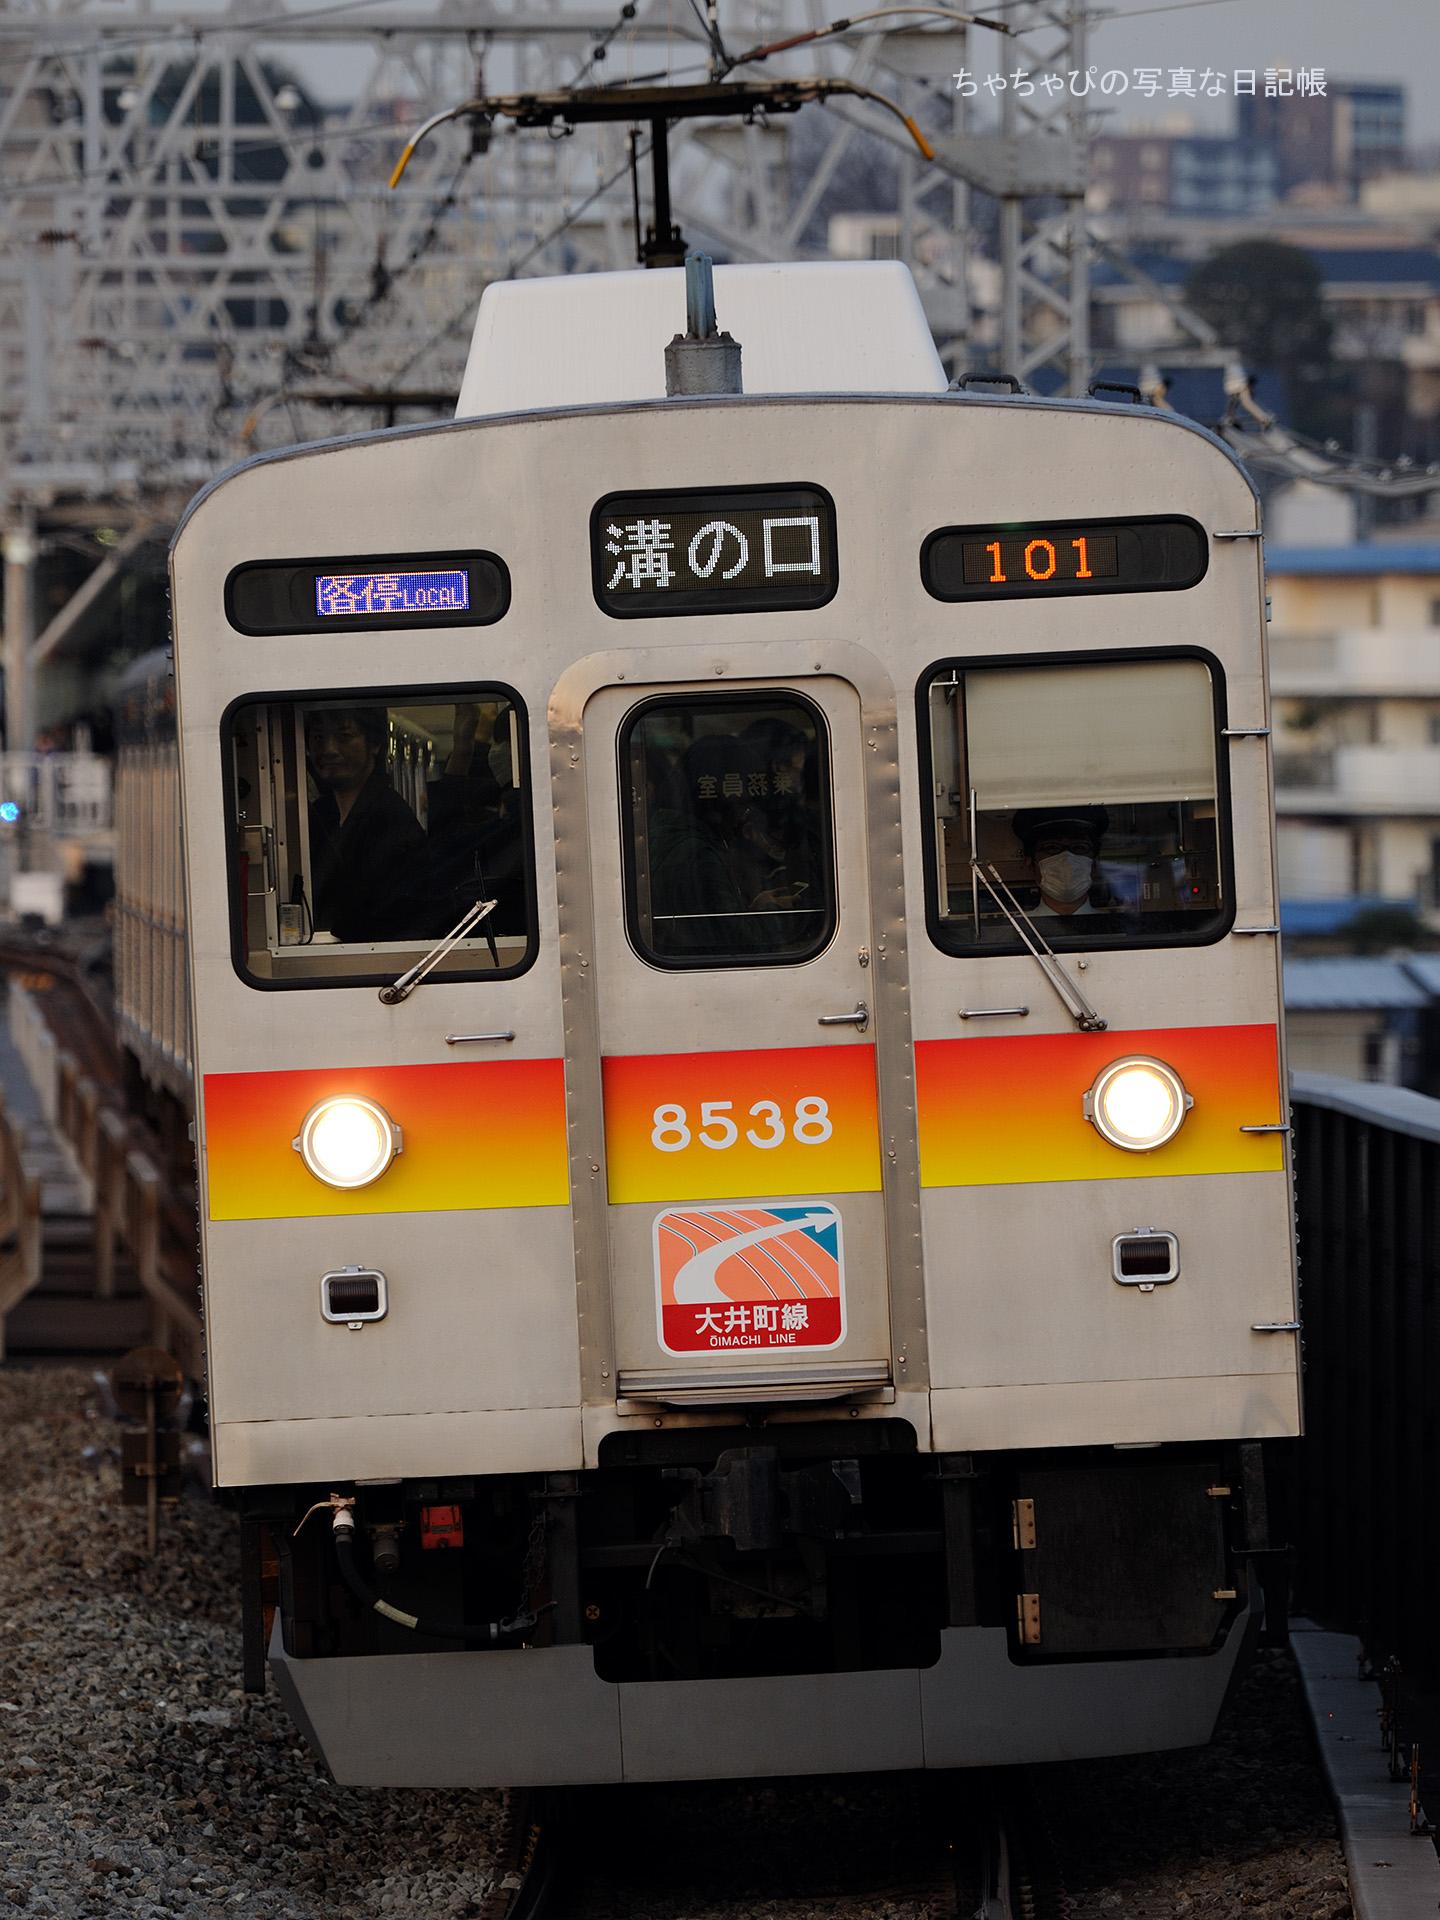 東急田園都市線 二子新地駅 8500系 -101ゥ 8638F-